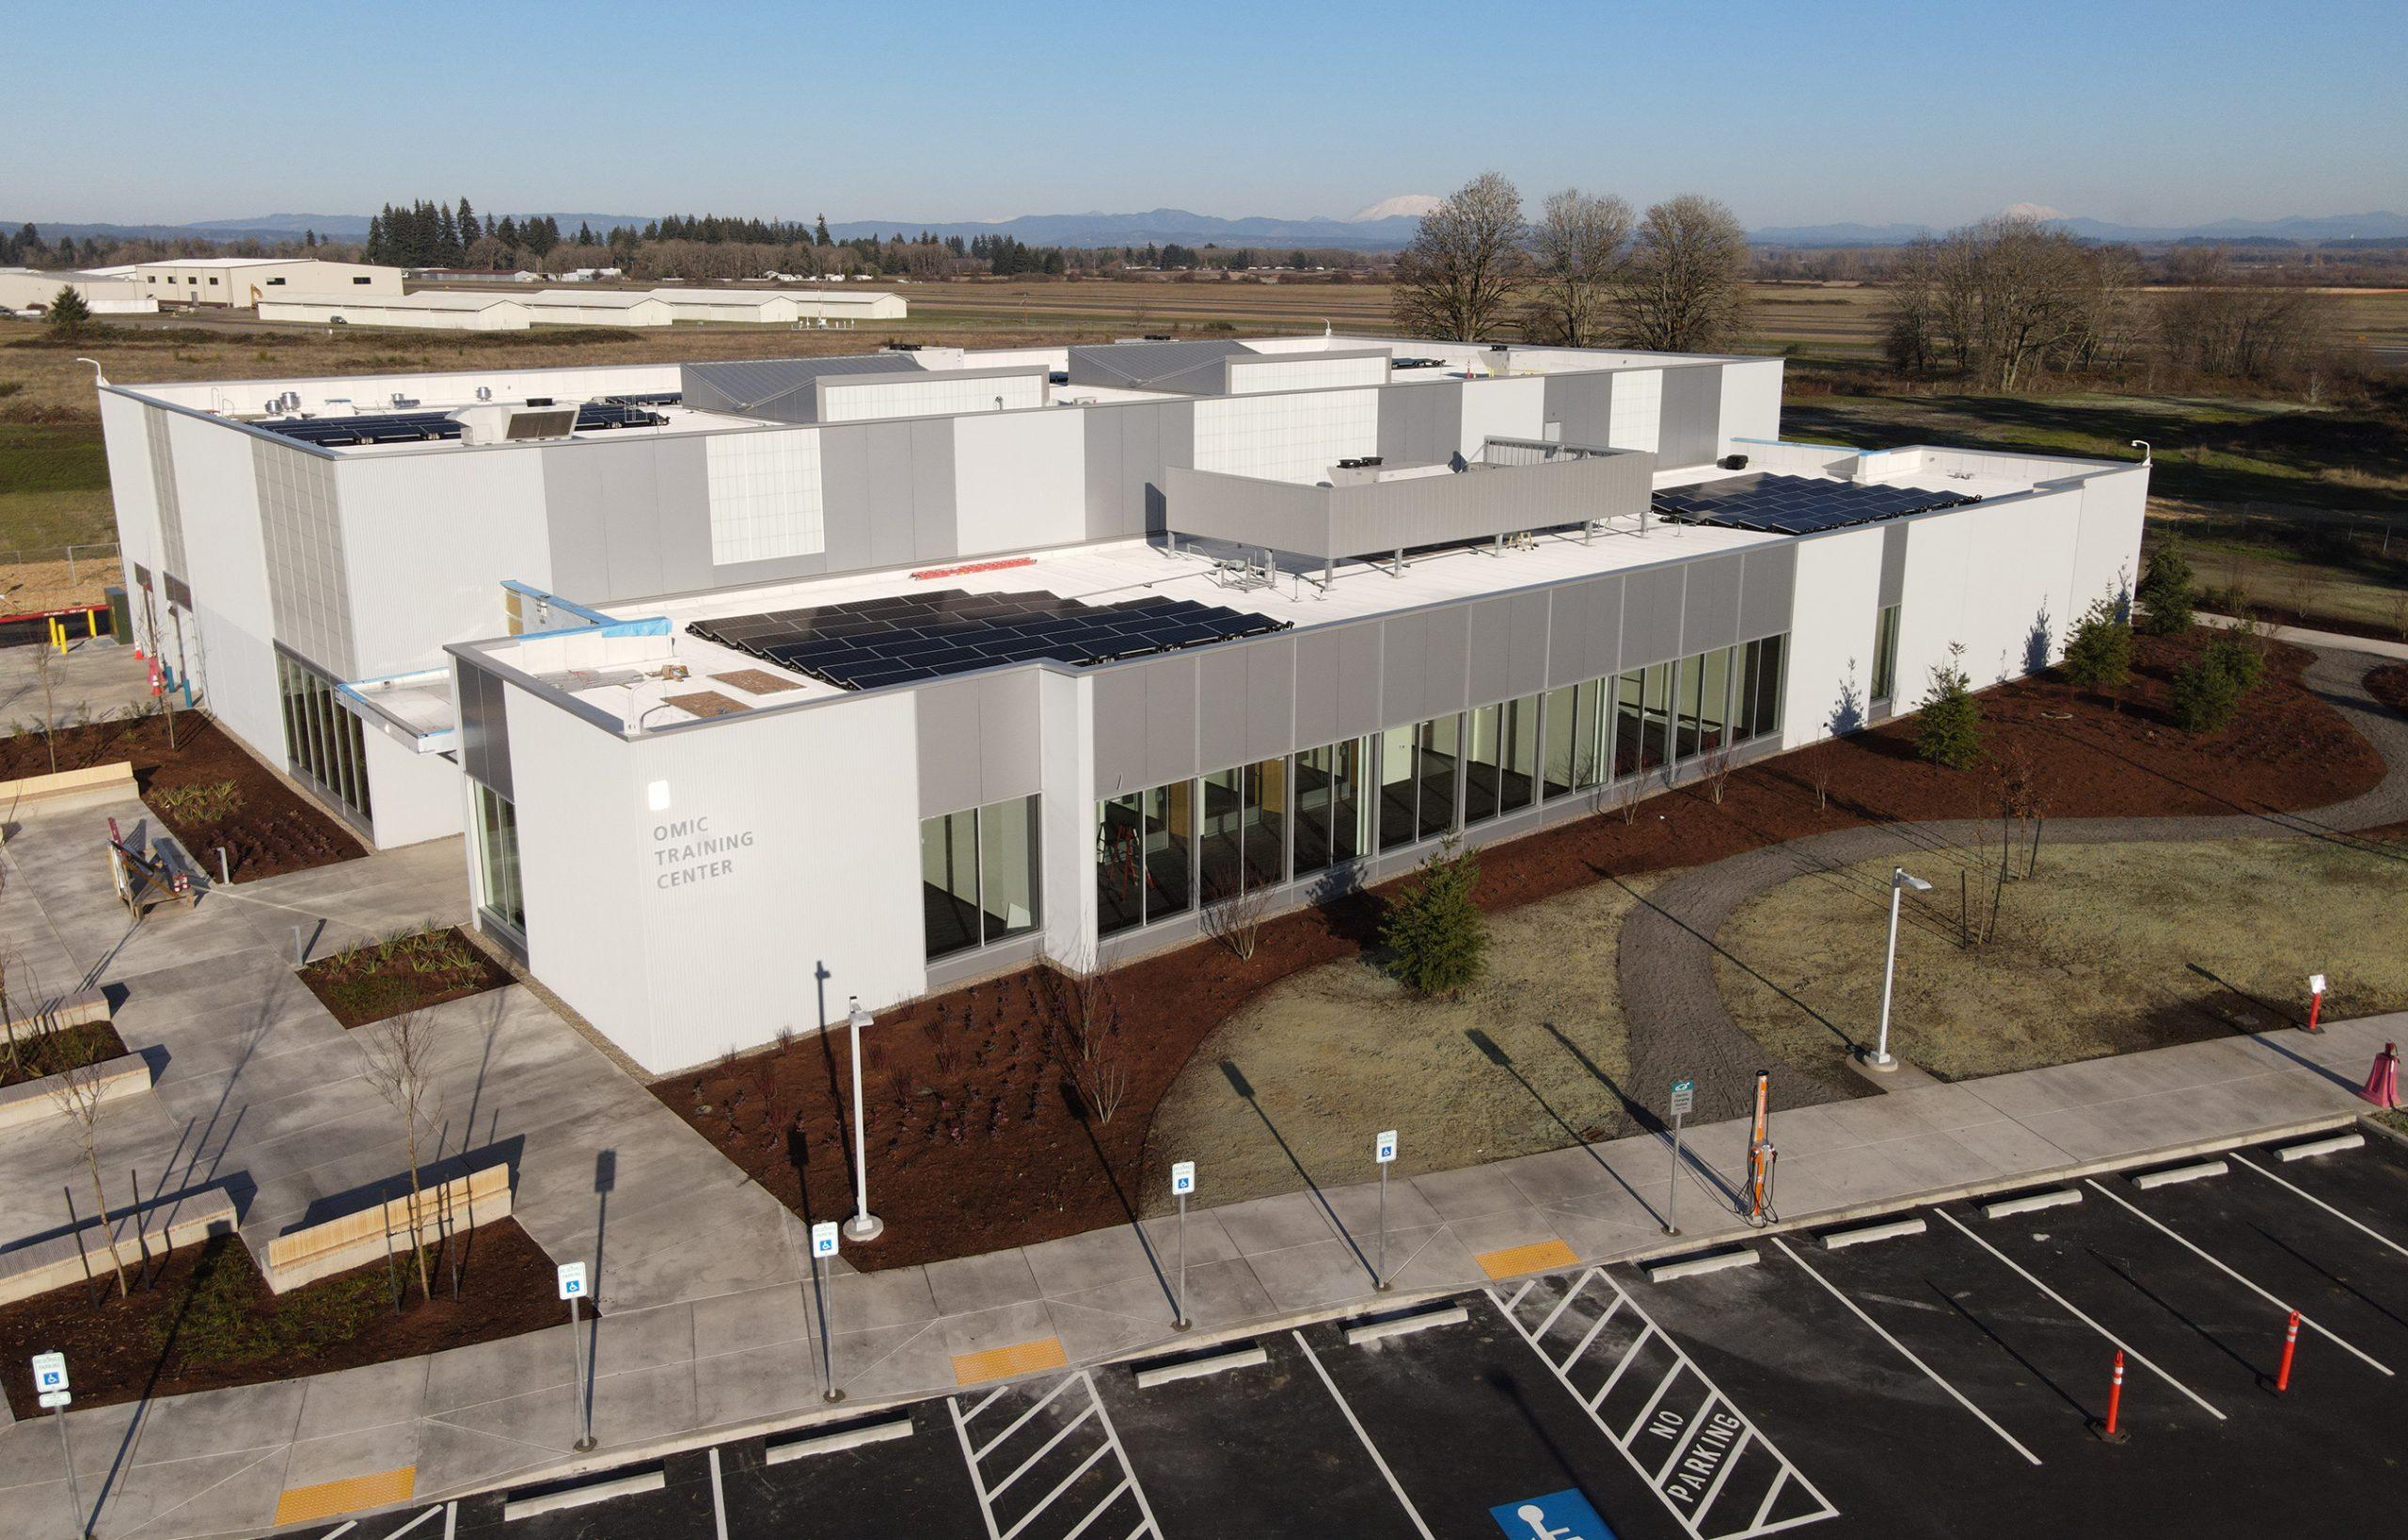 OMIC Training Center.